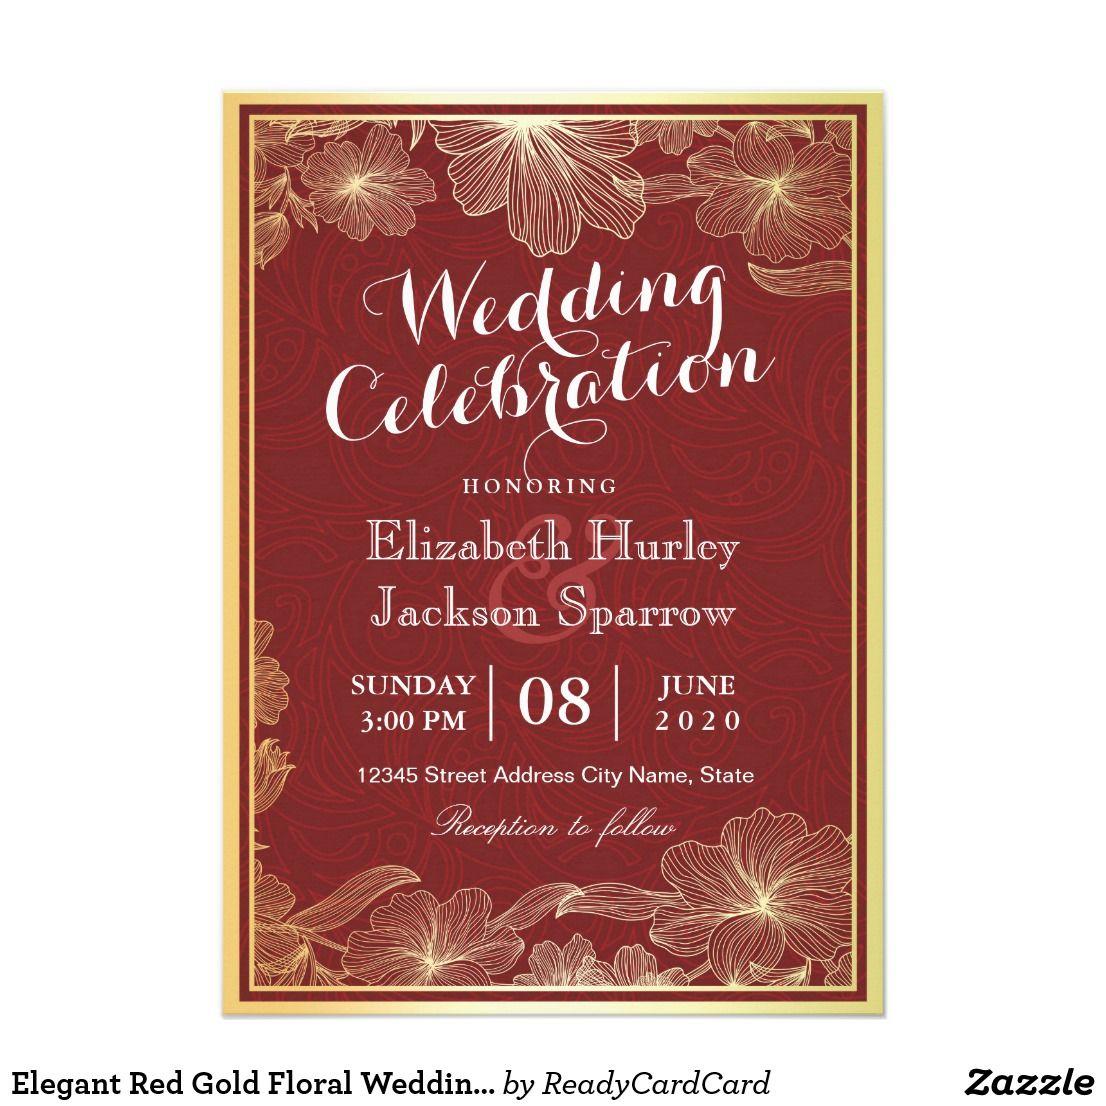 Elegant Red Gold Floral Wedding Shower invitations